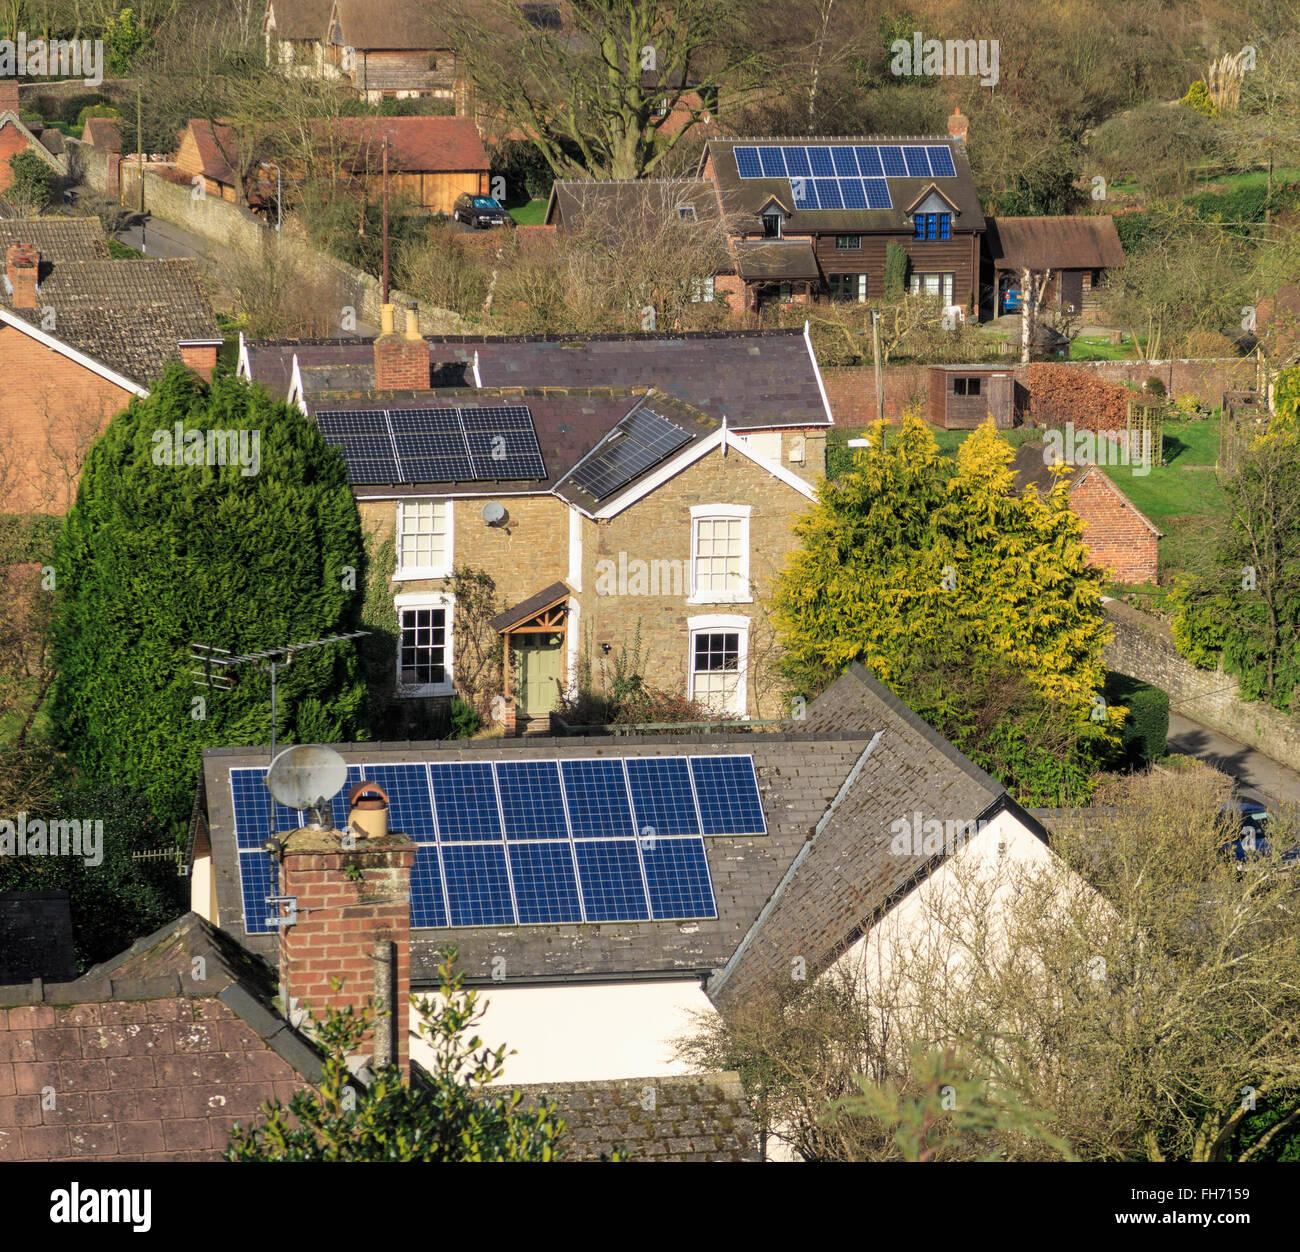 Paneles solares en los techos de las casas. En Ludlow, Inglaterra. Imagen De Stock